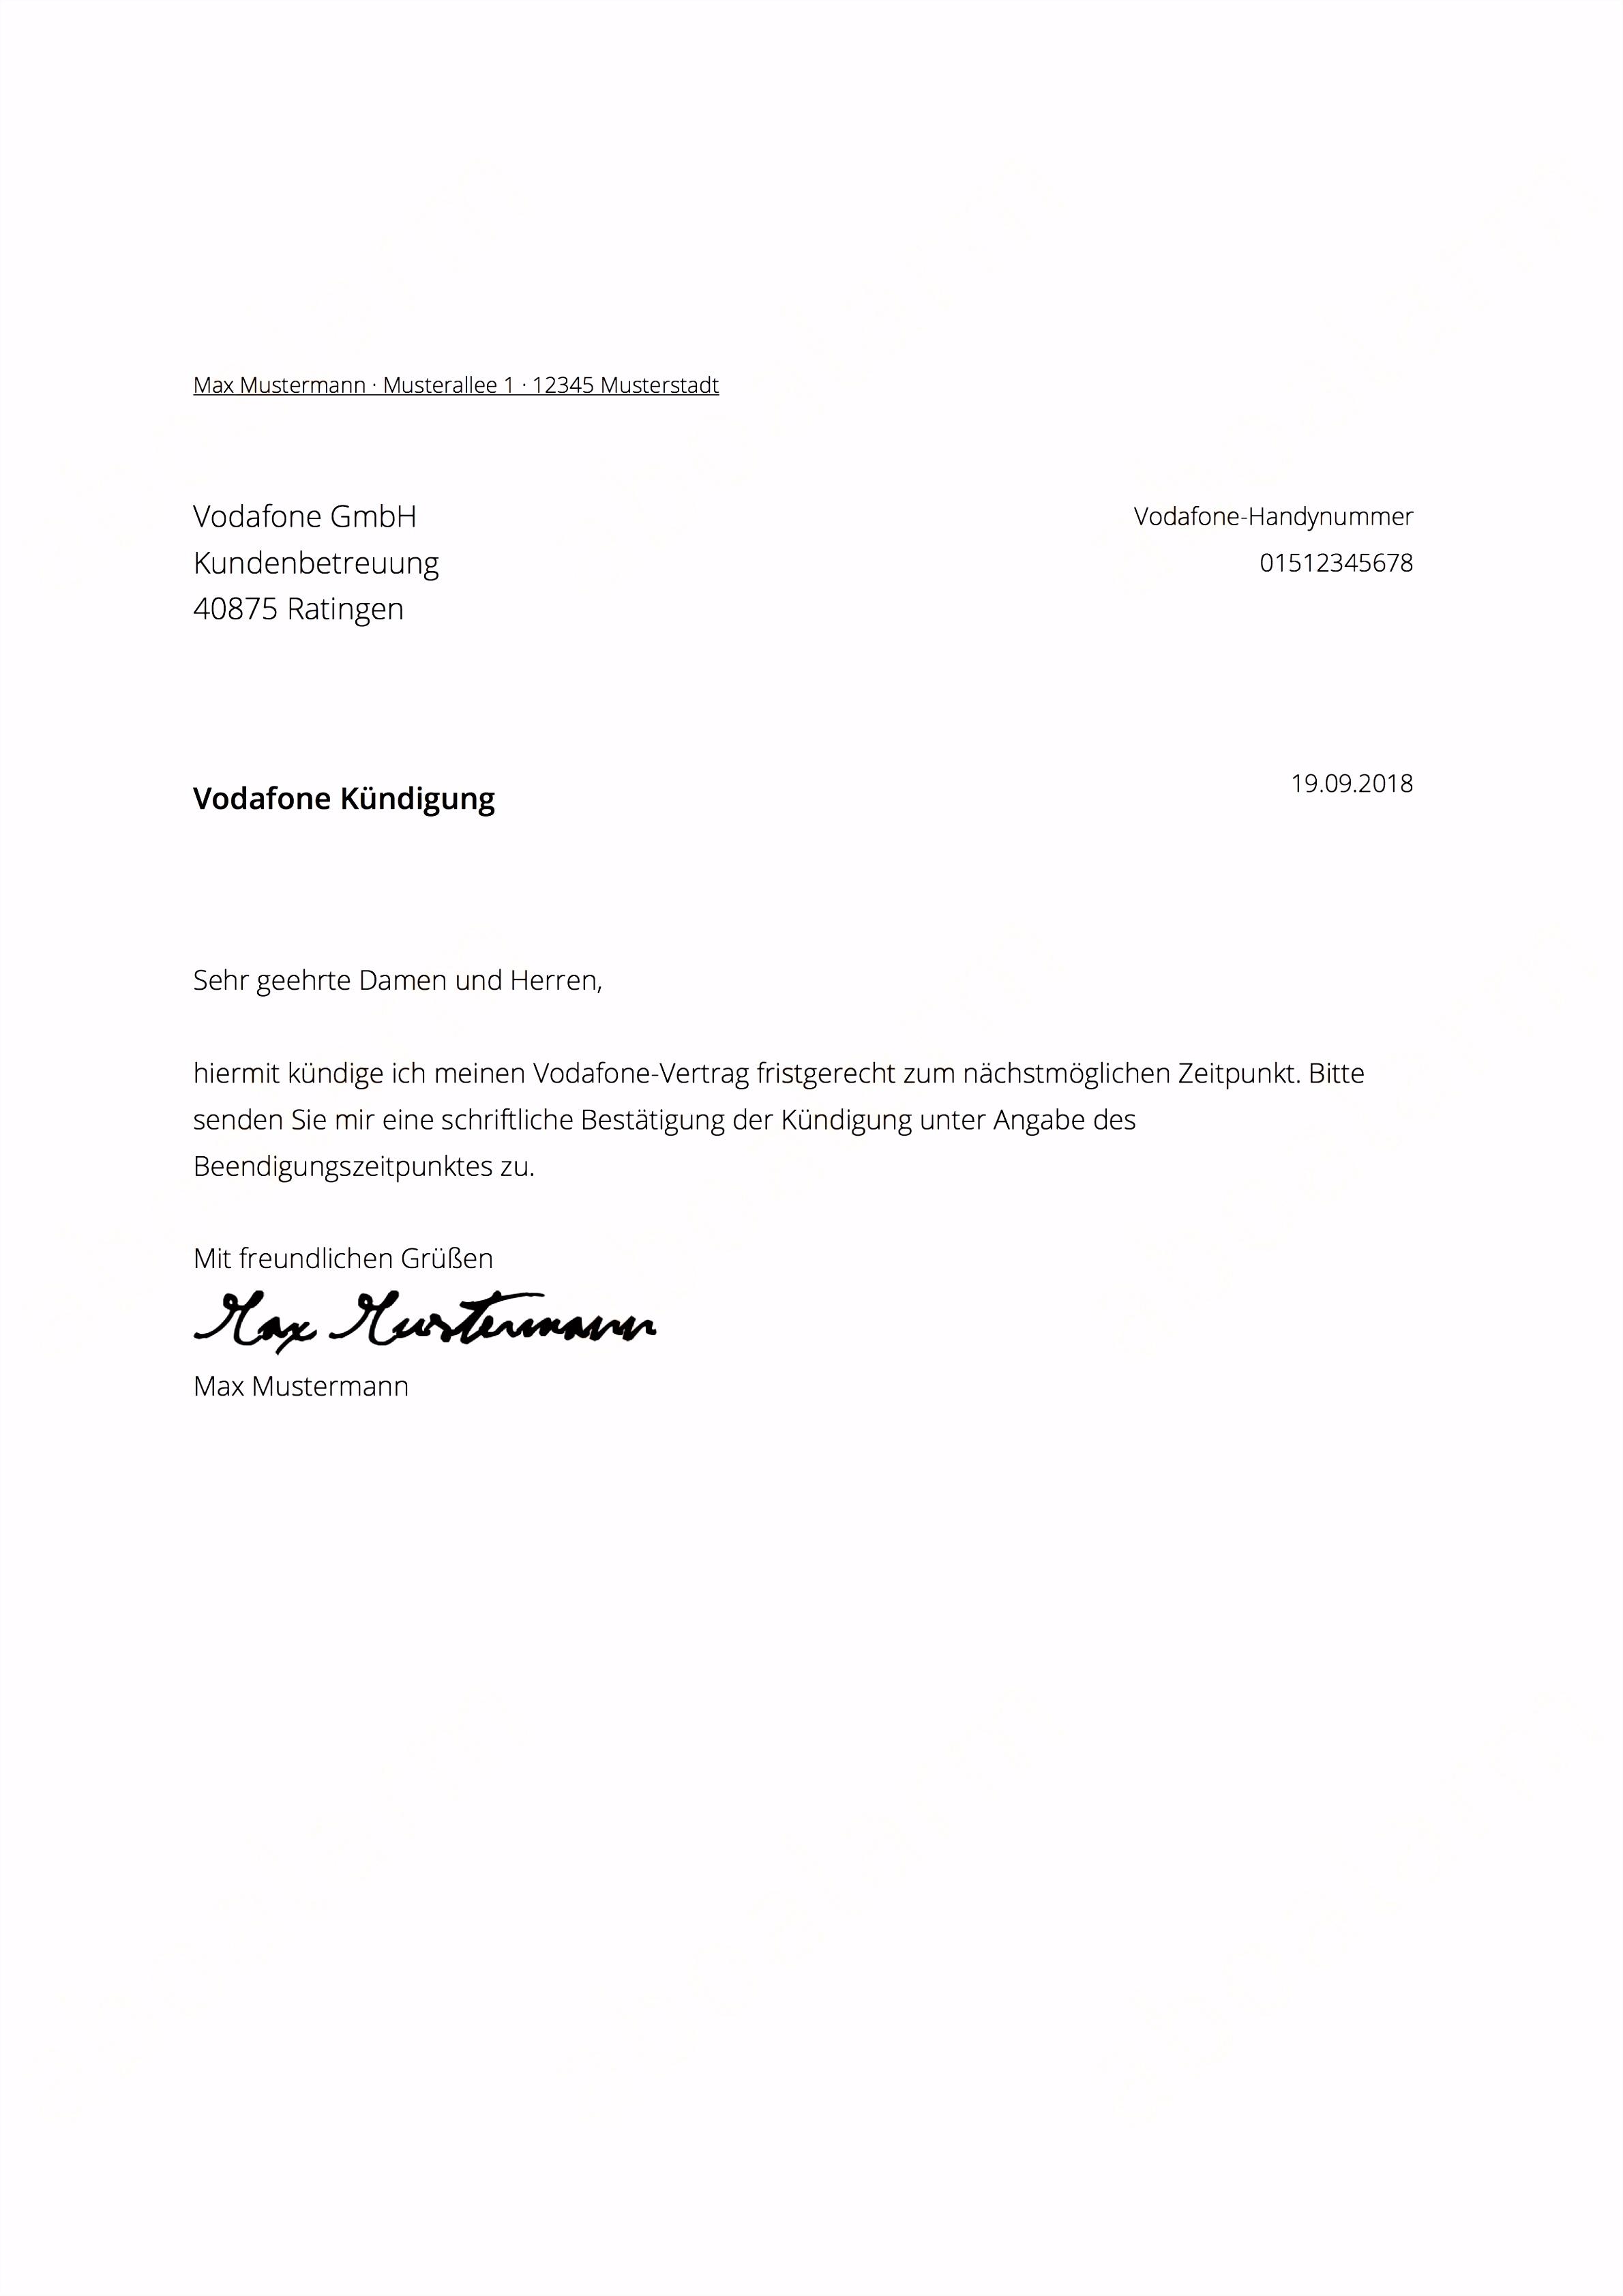 10 kündigungsschreiben vodafone vertrag